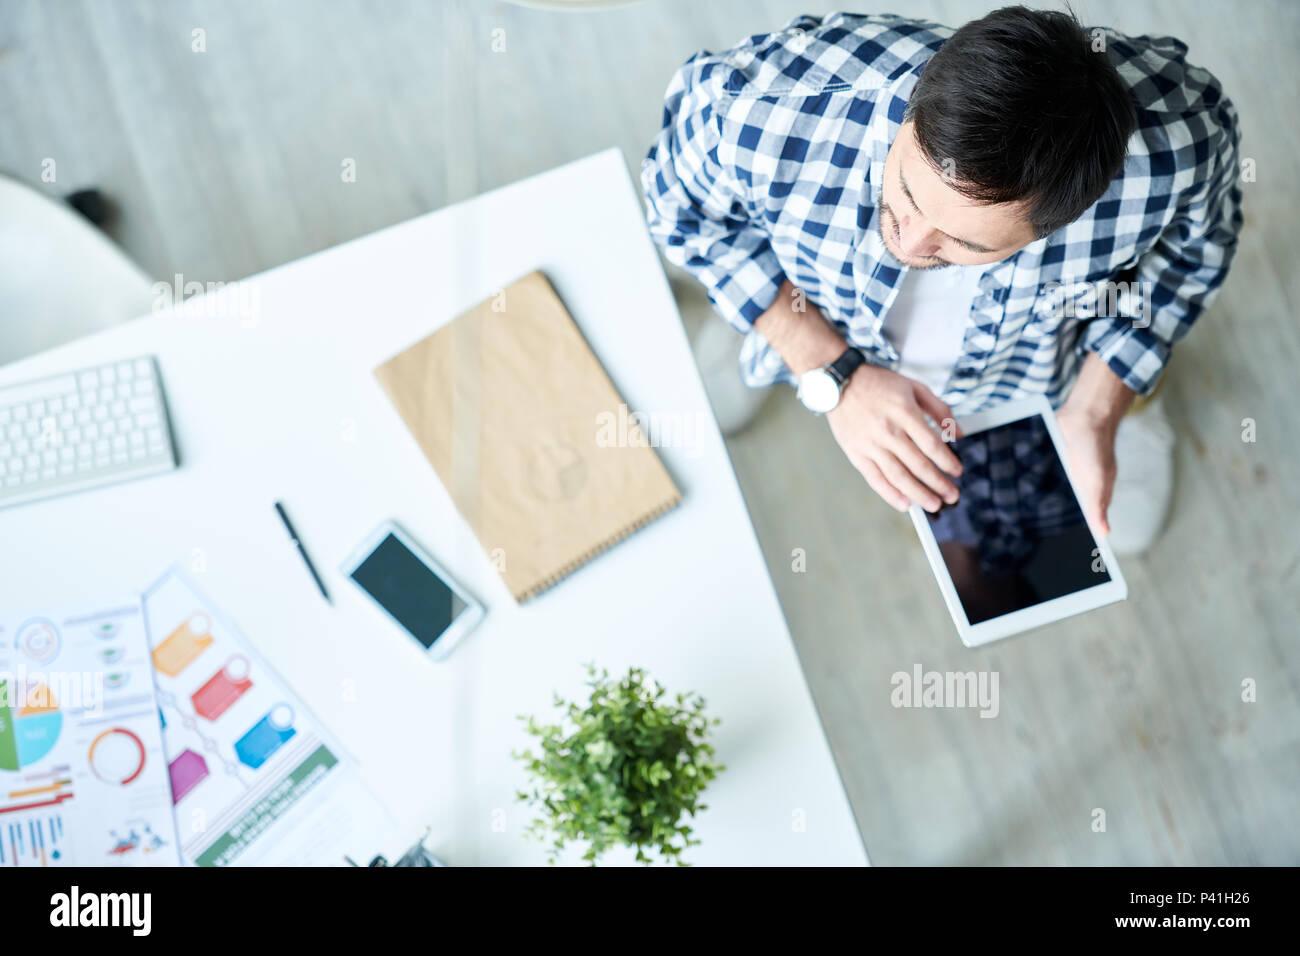 Hombre con tablet en espacio de trabajo Imagen De Stock